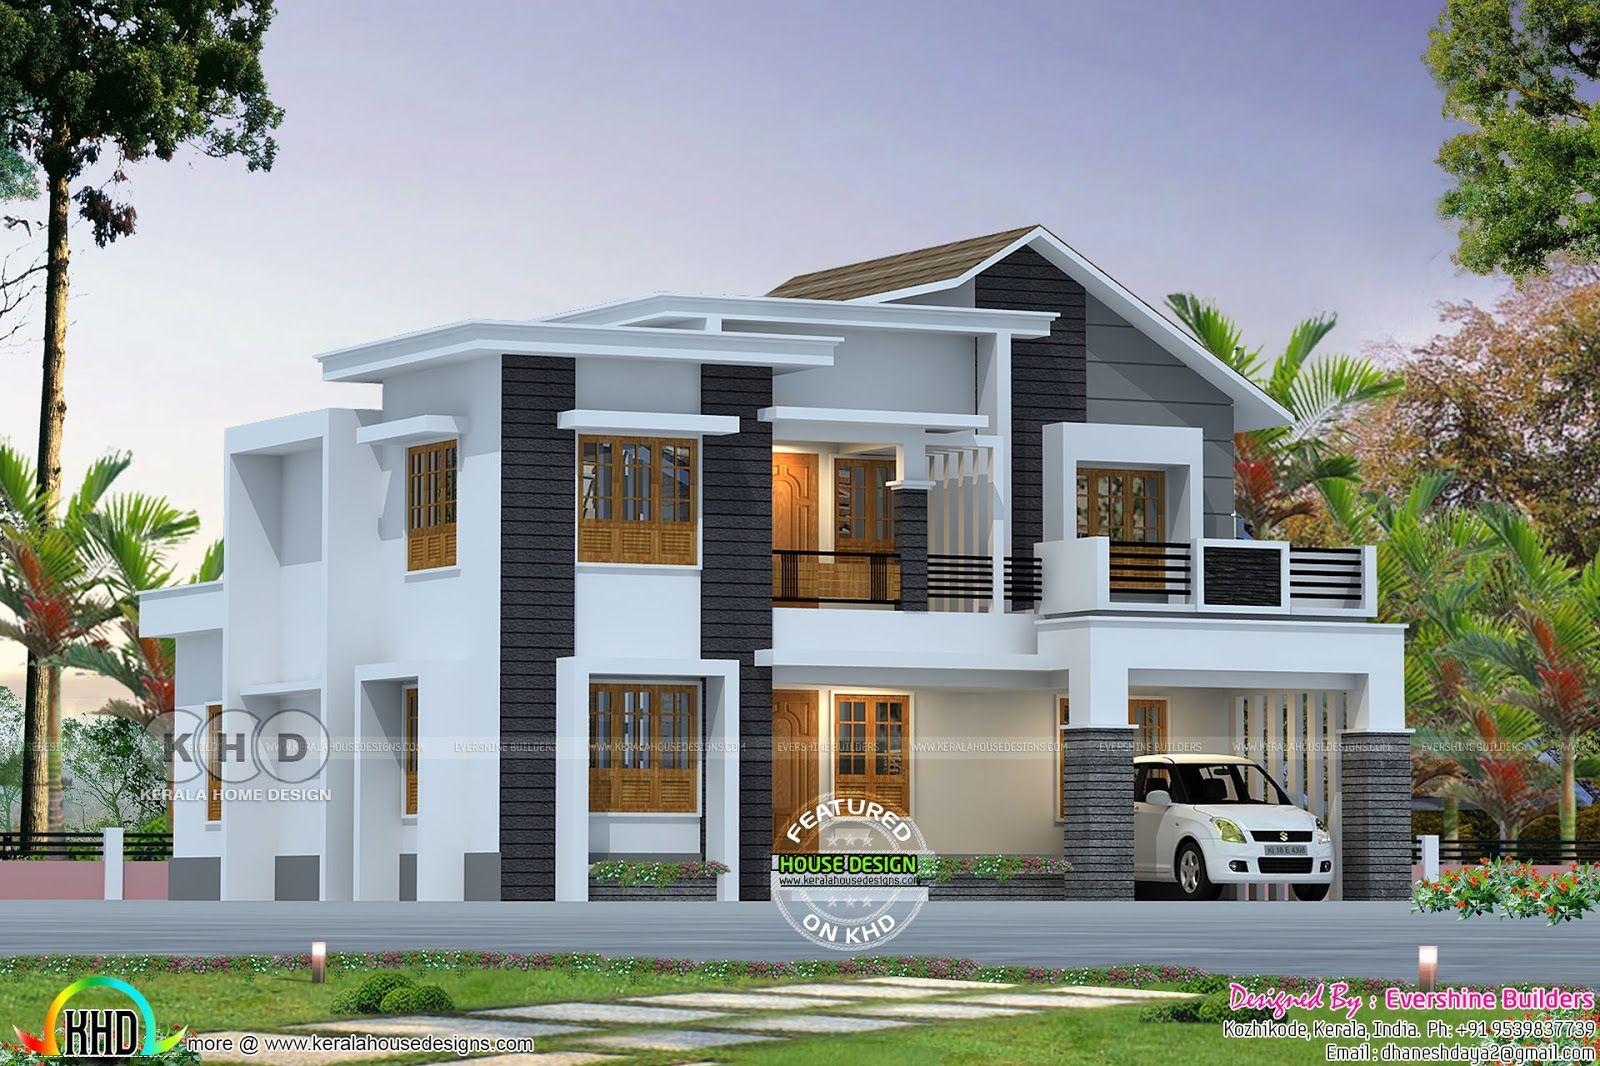 Roman style home plan Kerala home